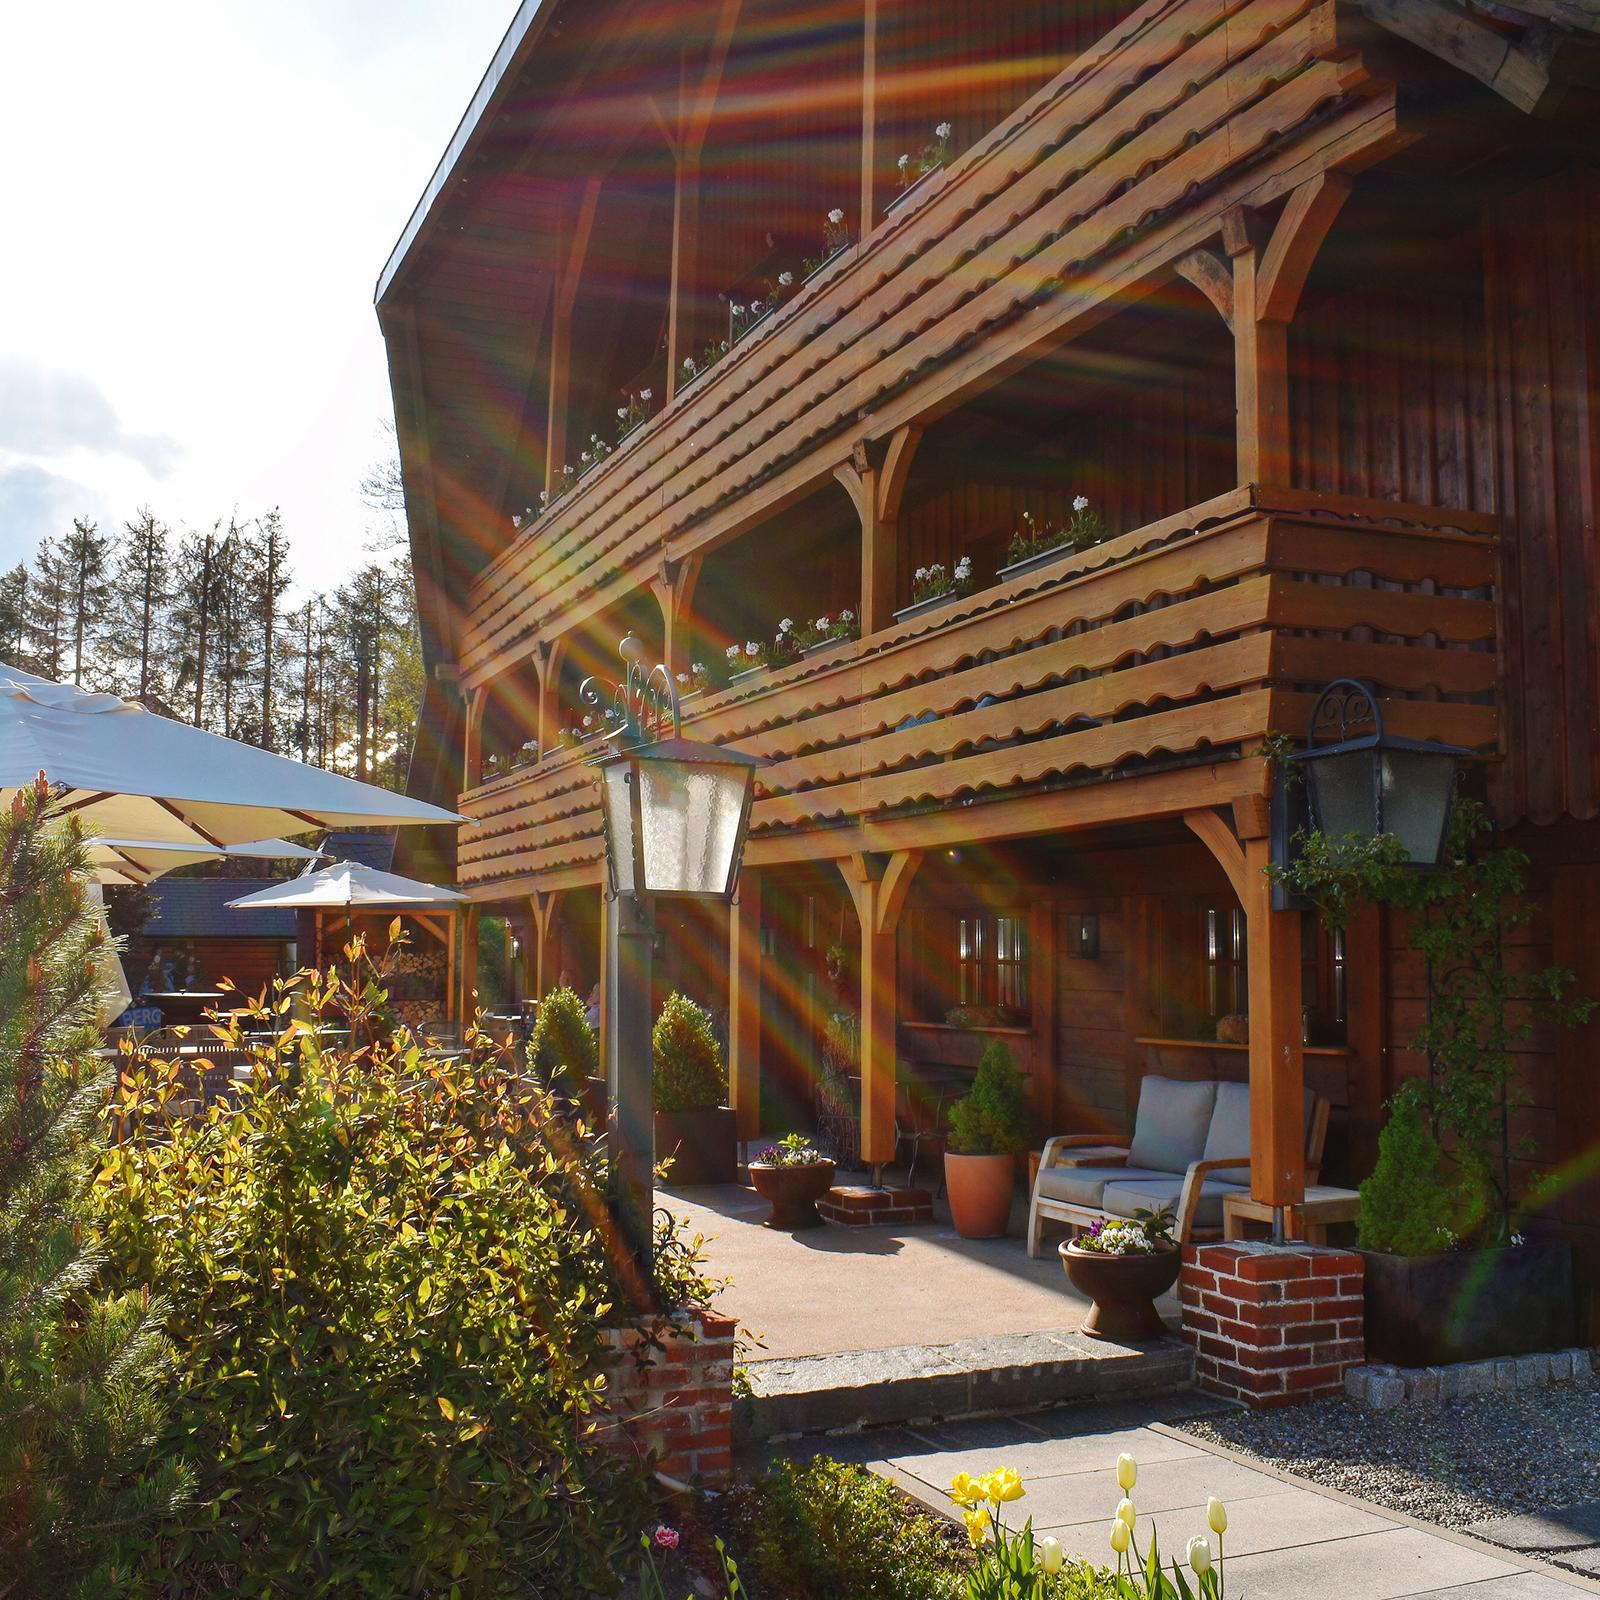 Mühle Schluchsee, Hotel Boutique, Restaurant oxalis, Omotenashi, Kaiseki, Regional, Schwarzwald, Entspannung, Genuss, Gastfreundschaft